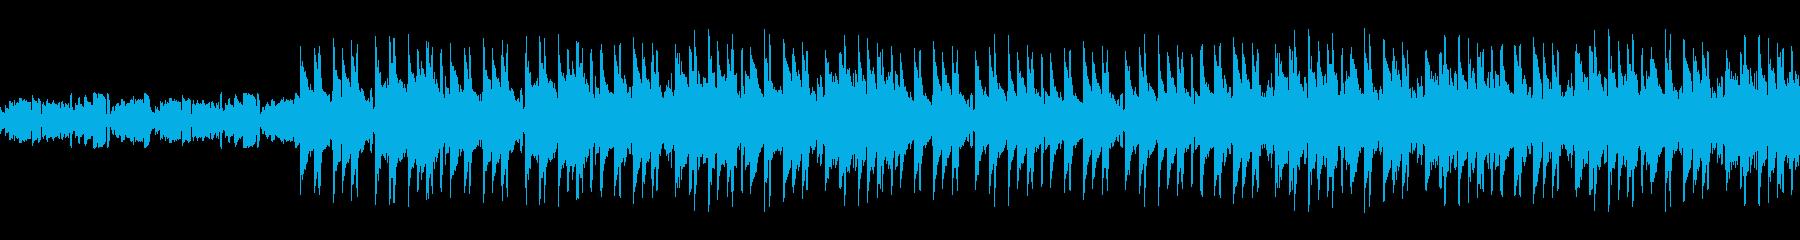 雨をイメージしたChillミュージックの再生済みの波形